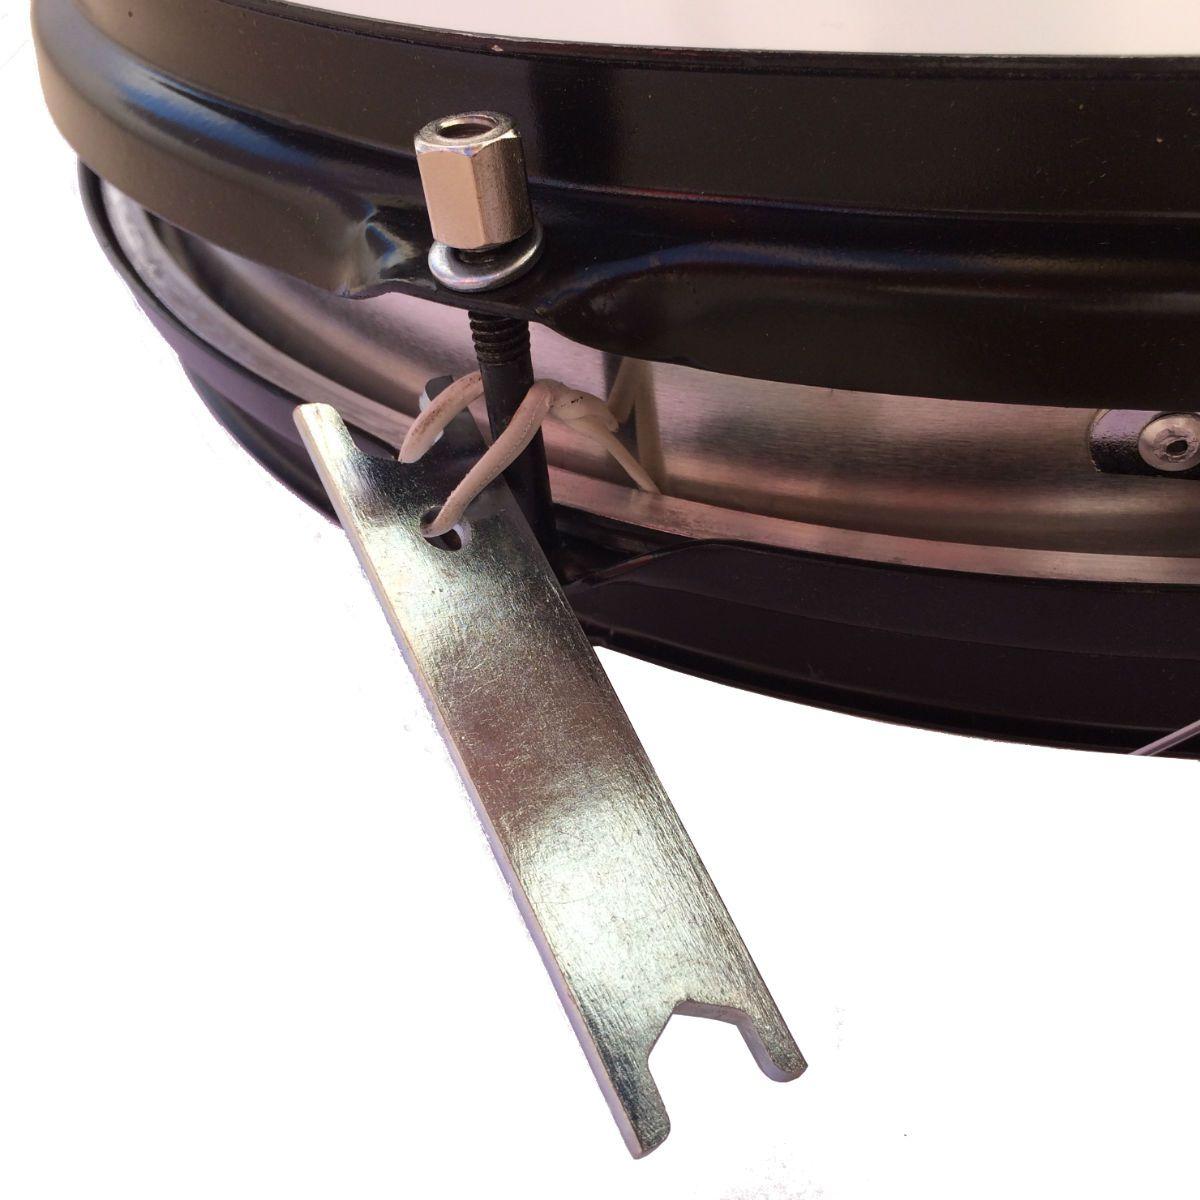 Caixa De Repique Samba Luen 14 X 3 Aluminio, com chapa PRETA e 6 afinações. Excelente instrumento.